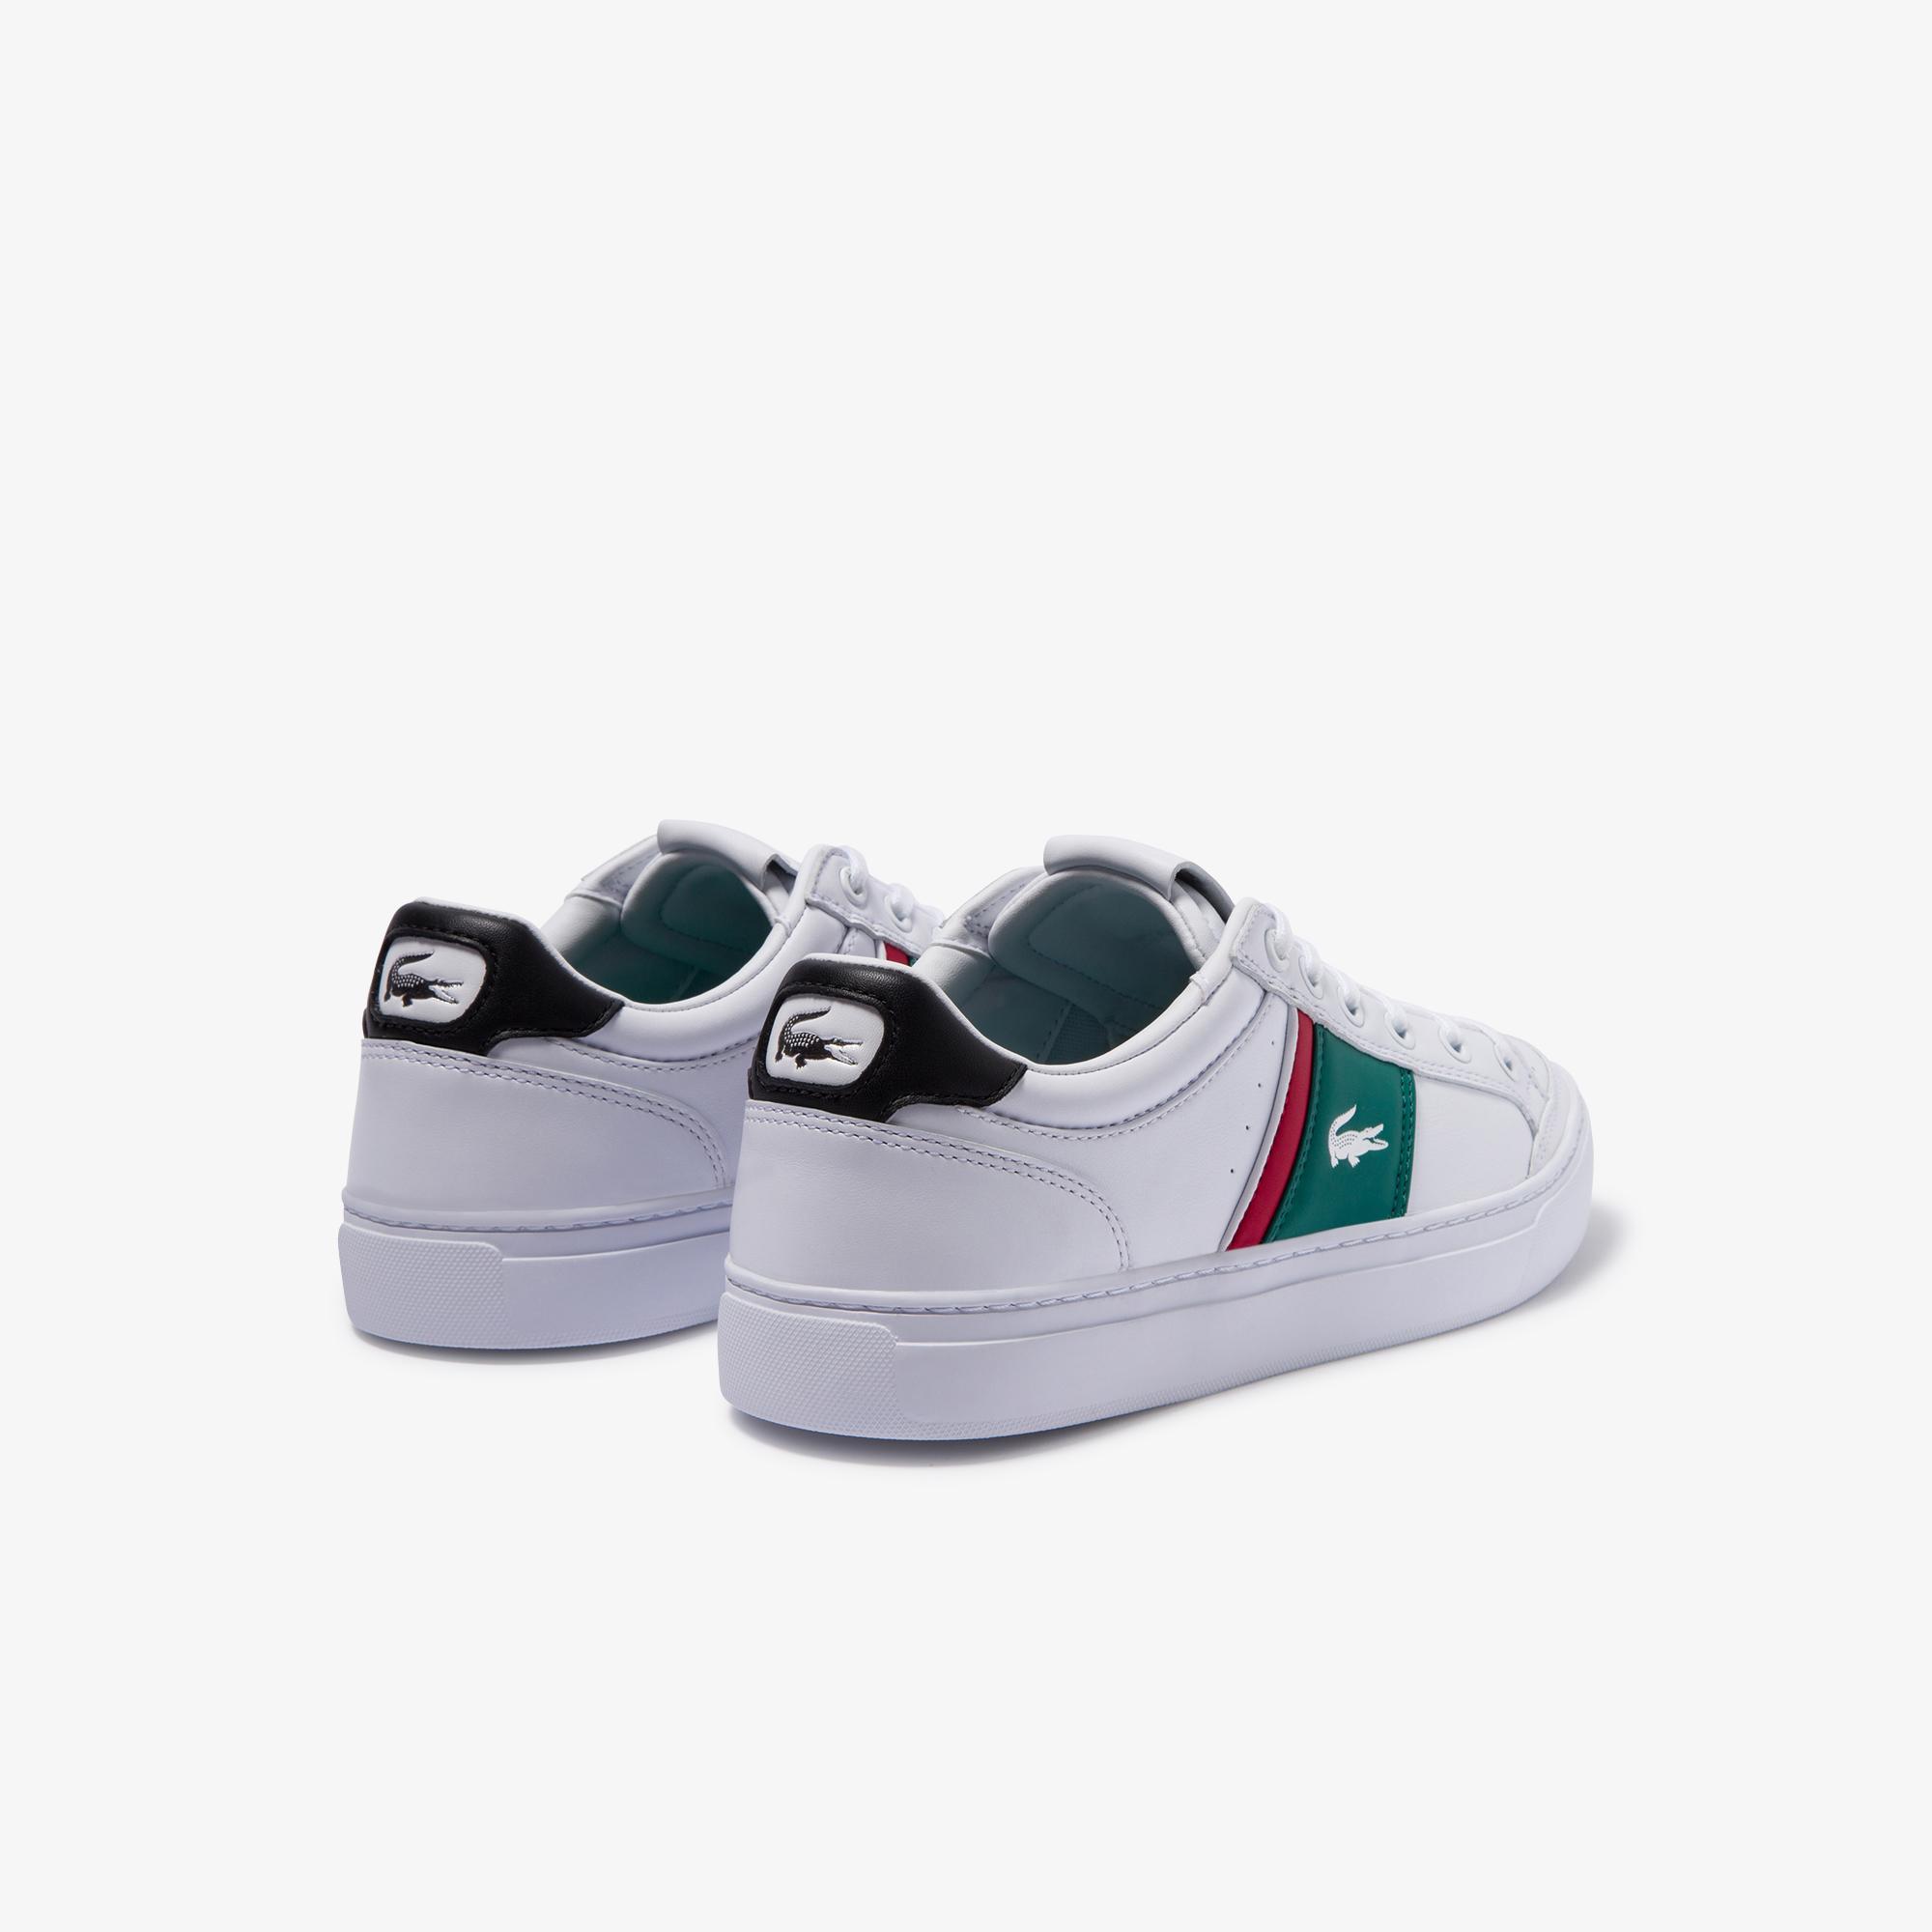 Lacoste Courtline 120 2 Us Cma Erkek Beyaz - Yeşil Deri Casual Ayakkabı